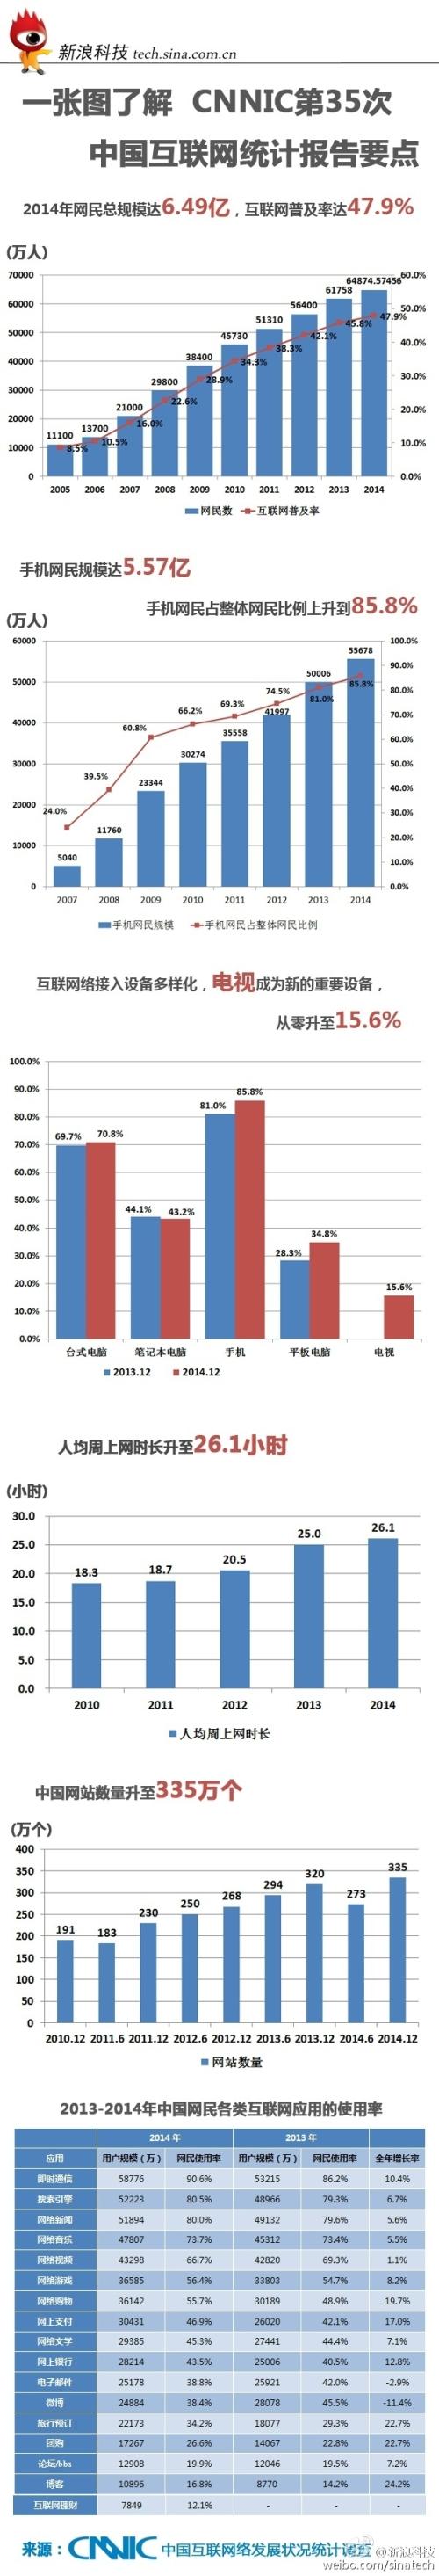 ChinaNetPopulationWeibo02